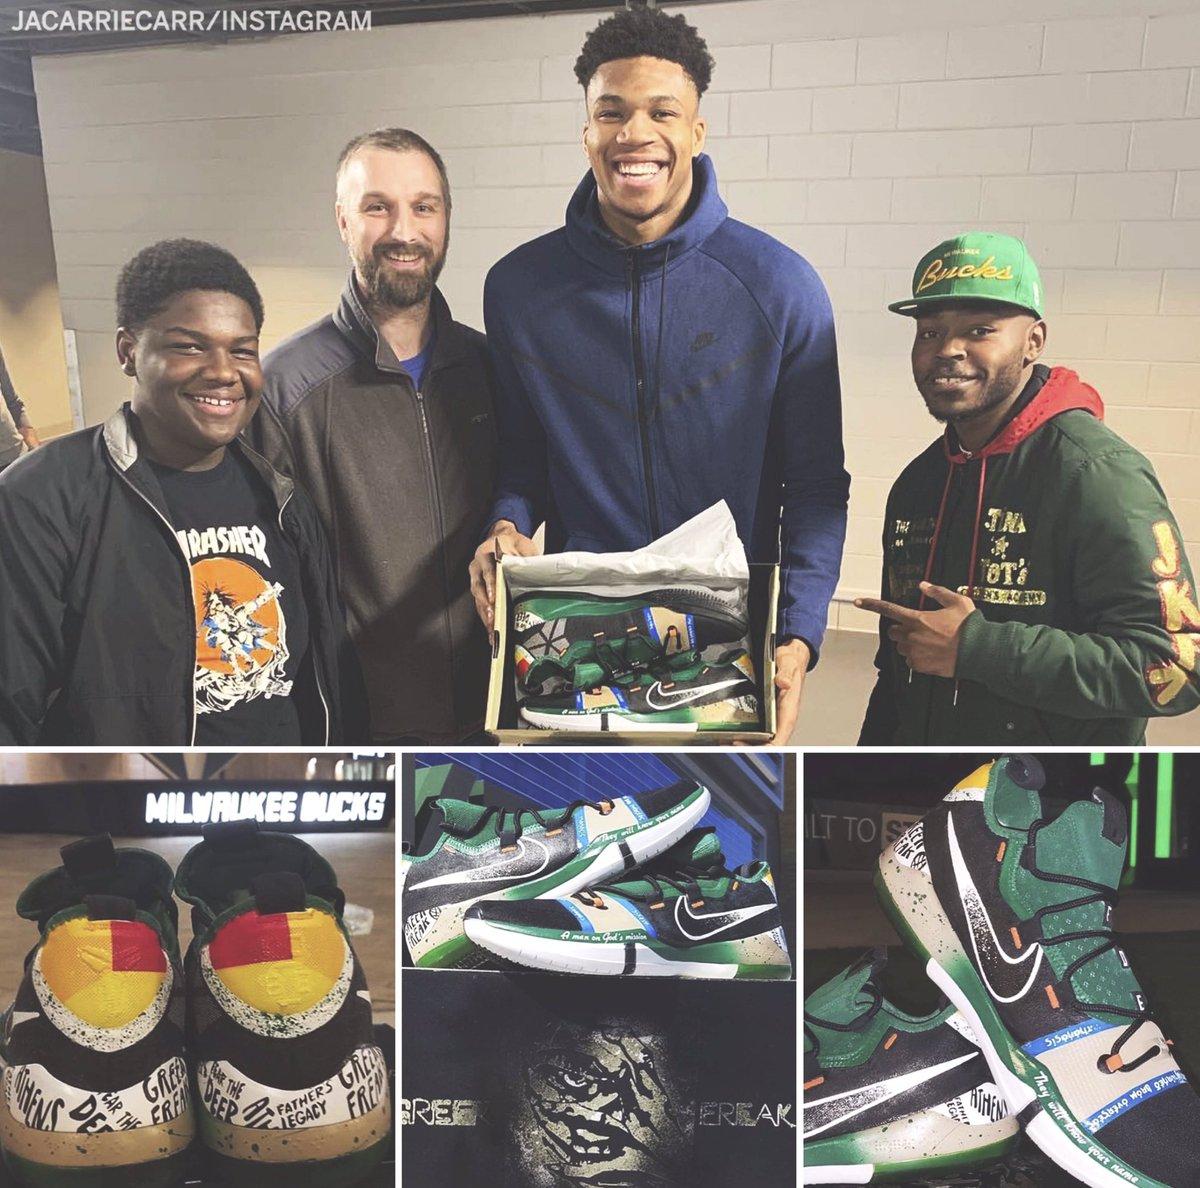 5034a77047e Ένας νεαρός θαυμαστή του, του έδειξε την αγάπη του, δωρίζοντας του ένα  ζευγάρι παπούτσια φτιαγμένα στα χρώματα των Μπακς. Ο Γιάννης για να τον  ευχαριστήσει ...